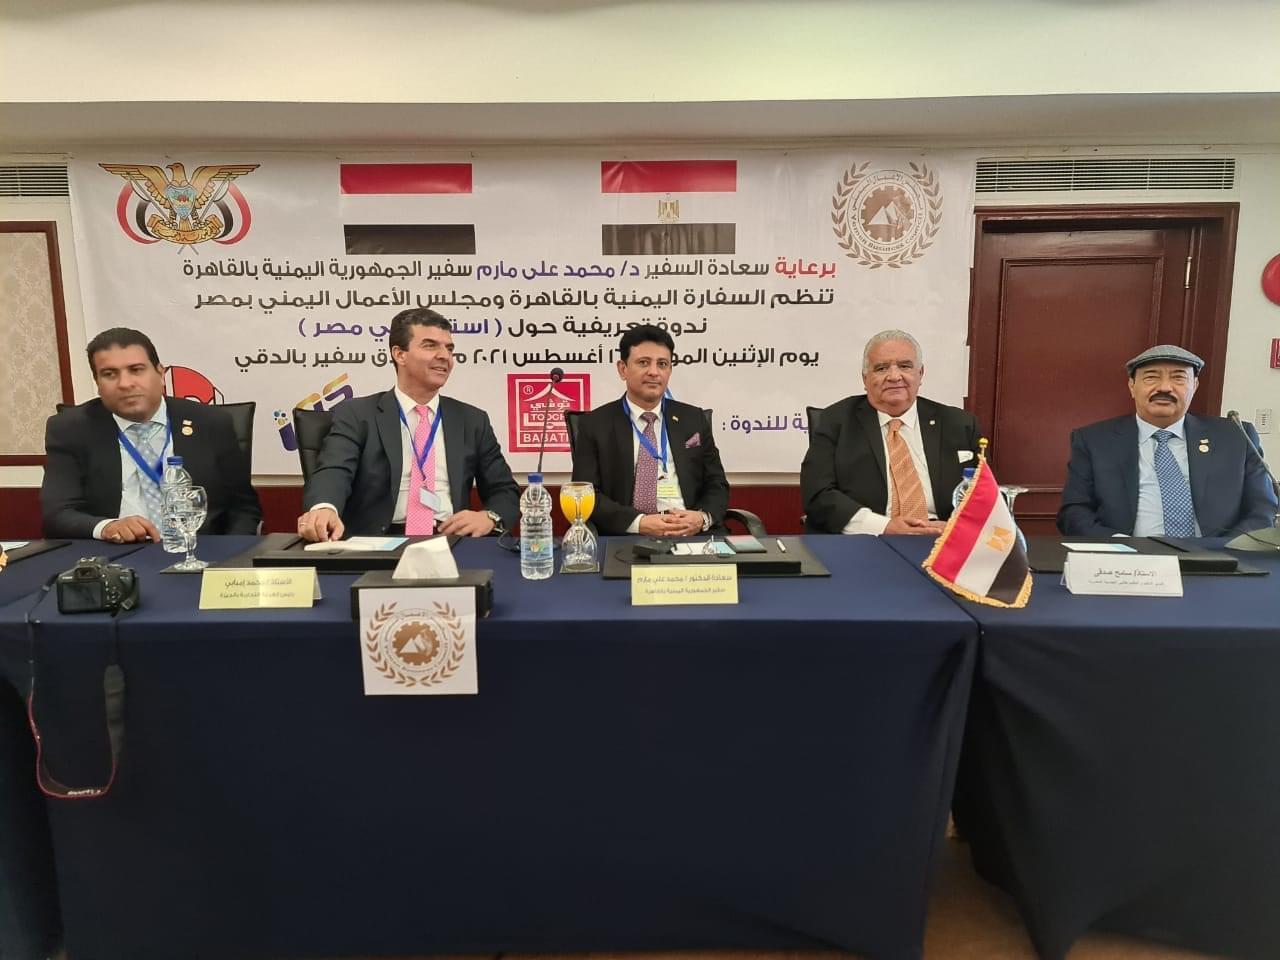 عضو مجلس الأعمال اليمني حسن جيد يشارك بندوة تعريفية عن الاستثمار في مصر